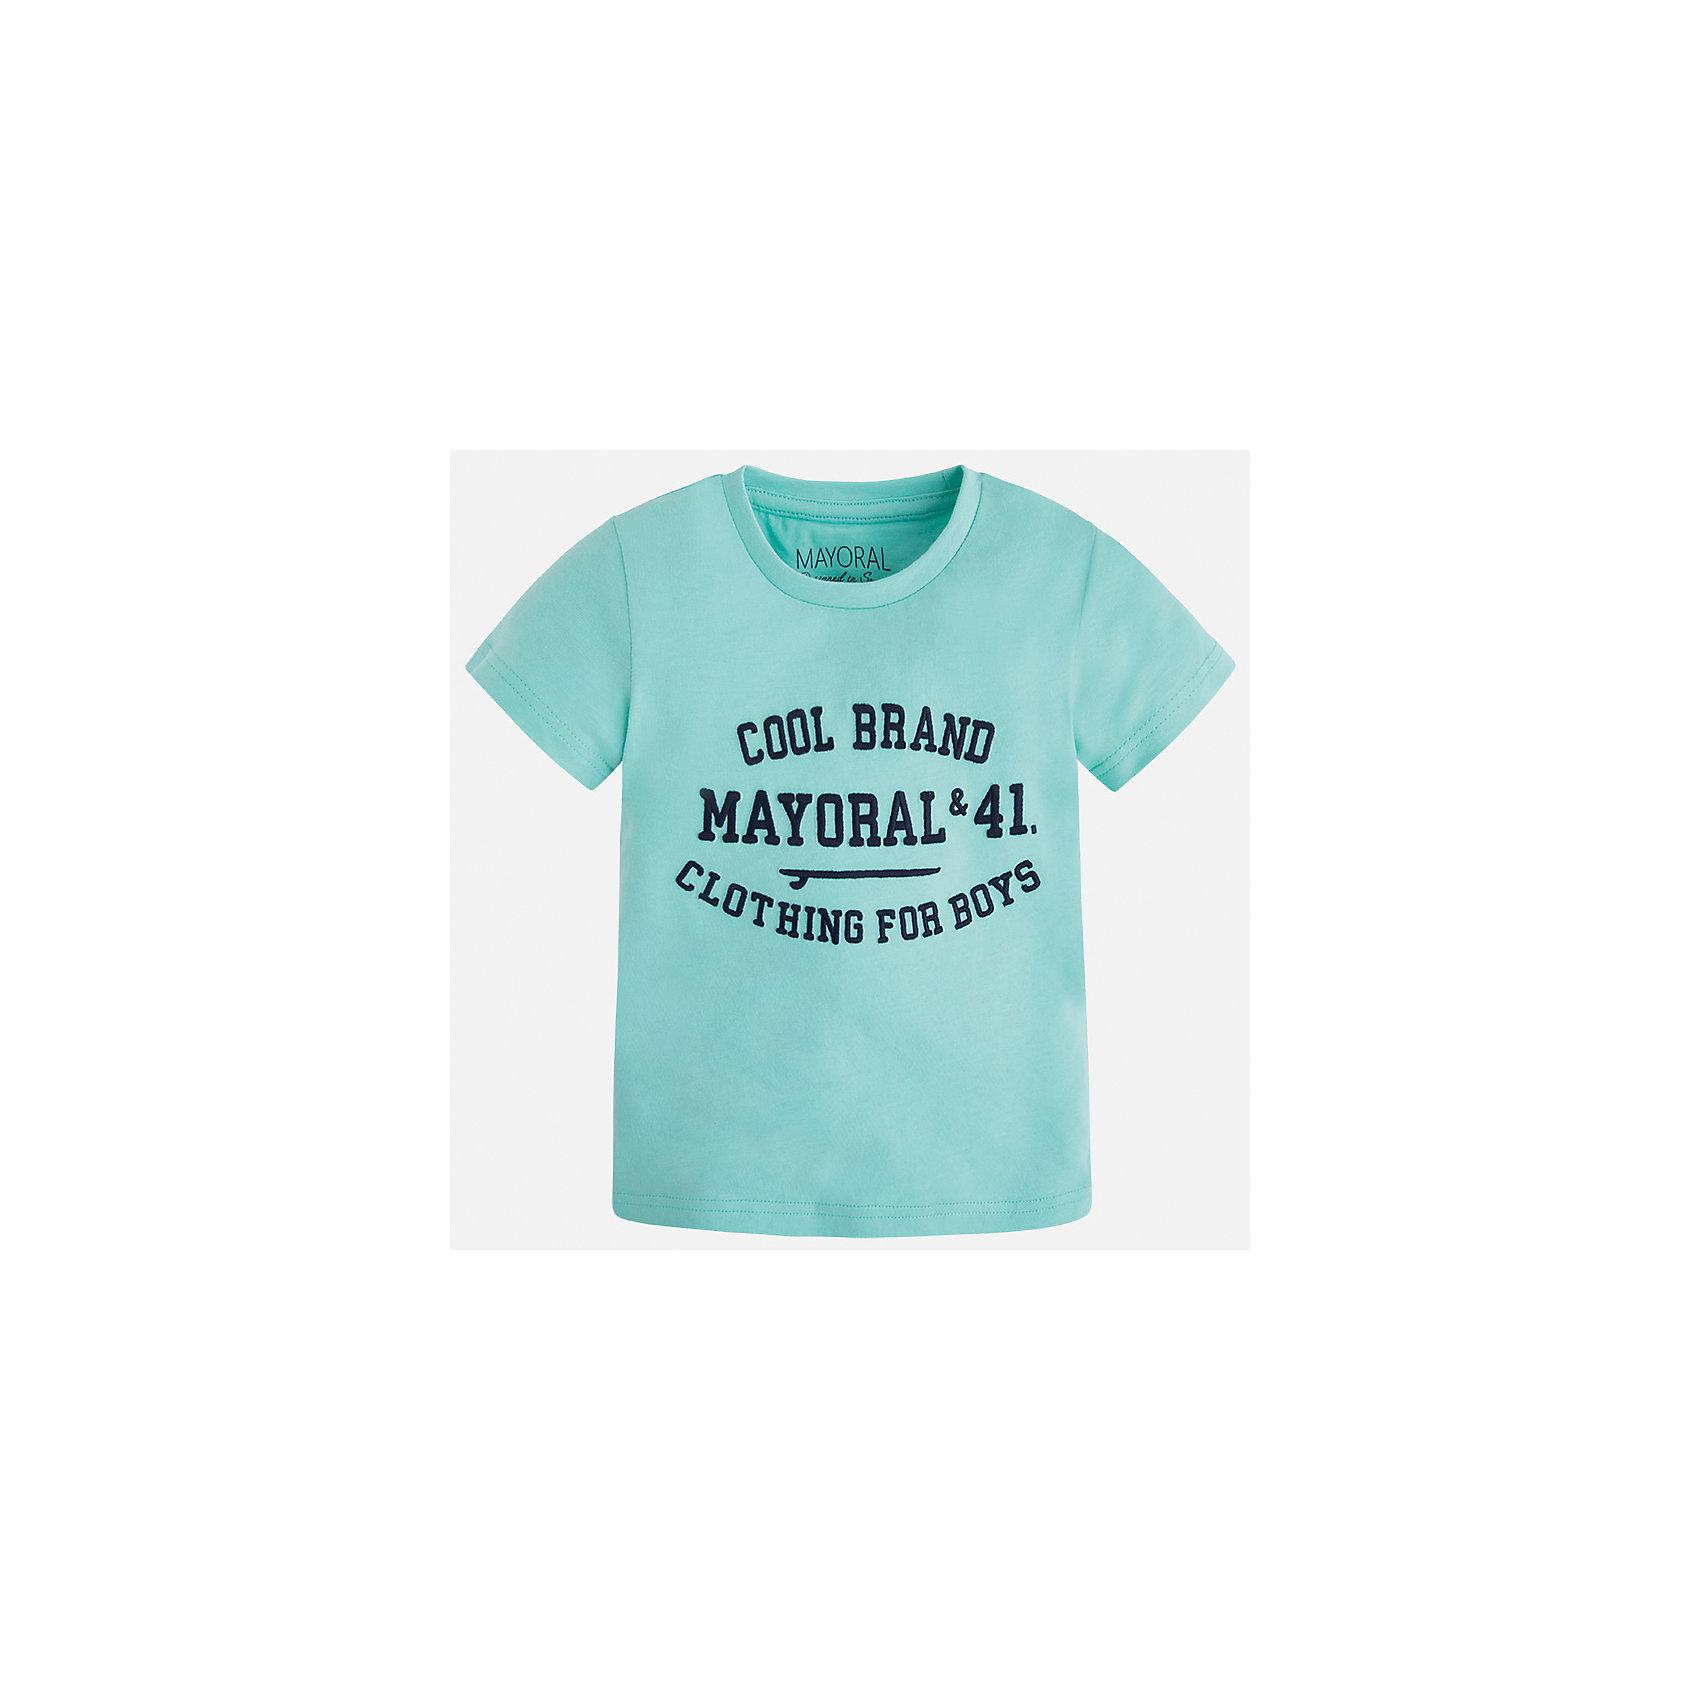 Футболка для мальчика MayoralФутболки, поло и топы<br>Характеристики товара:<br><br>• цвет: зеленый<br>• состав: 100% хлопок<br>• круглый горловой вырез<br>• принт впереди<br>• короткие рукава<br>• декорирована принтом<br>• страна бренда: Испания<br><br>Стильная футболка с принтом поможет разнообразить гардероб мальчика. Она отлично сочетается с брюками, шортами, джинсами и т.д. Универсальный крой и цвет позволяет подобрать к вещи низ разных расцветок. Практичное и стильное изделие! В составе материала - только натуральный хлопок, гипоаллергенный, приятный на ощупь, дышащий.<br><br>Одежда, обувь и аксессуары от испанского бренда Mayoral полюбились детям и взрослым по всему миру. Модели этой марки - стильные и удобные. Для их производства используются только безопасные, качественные материалы и фурнитура. Порадуйте ребенка модными и красивыми вещами от Mayoral! <br><br>Футболку для мальчика от испанского бренда Mayoral (Майорал) можно купить в нашем интернет-магазине.<br><br>Ширина мм: 199<br>Глубина мм: 10<br>Высота мм: 161<br>Вес г: 151<br>Цвет: голубой<br>Возраст от месяцев: 18<br>Возраст до месяцев: 24<br>Пол: Мужской<br>Возраст: Детский<br>Размер: 92,110,134,128,122,116,104,98<br>SKU: 3516059